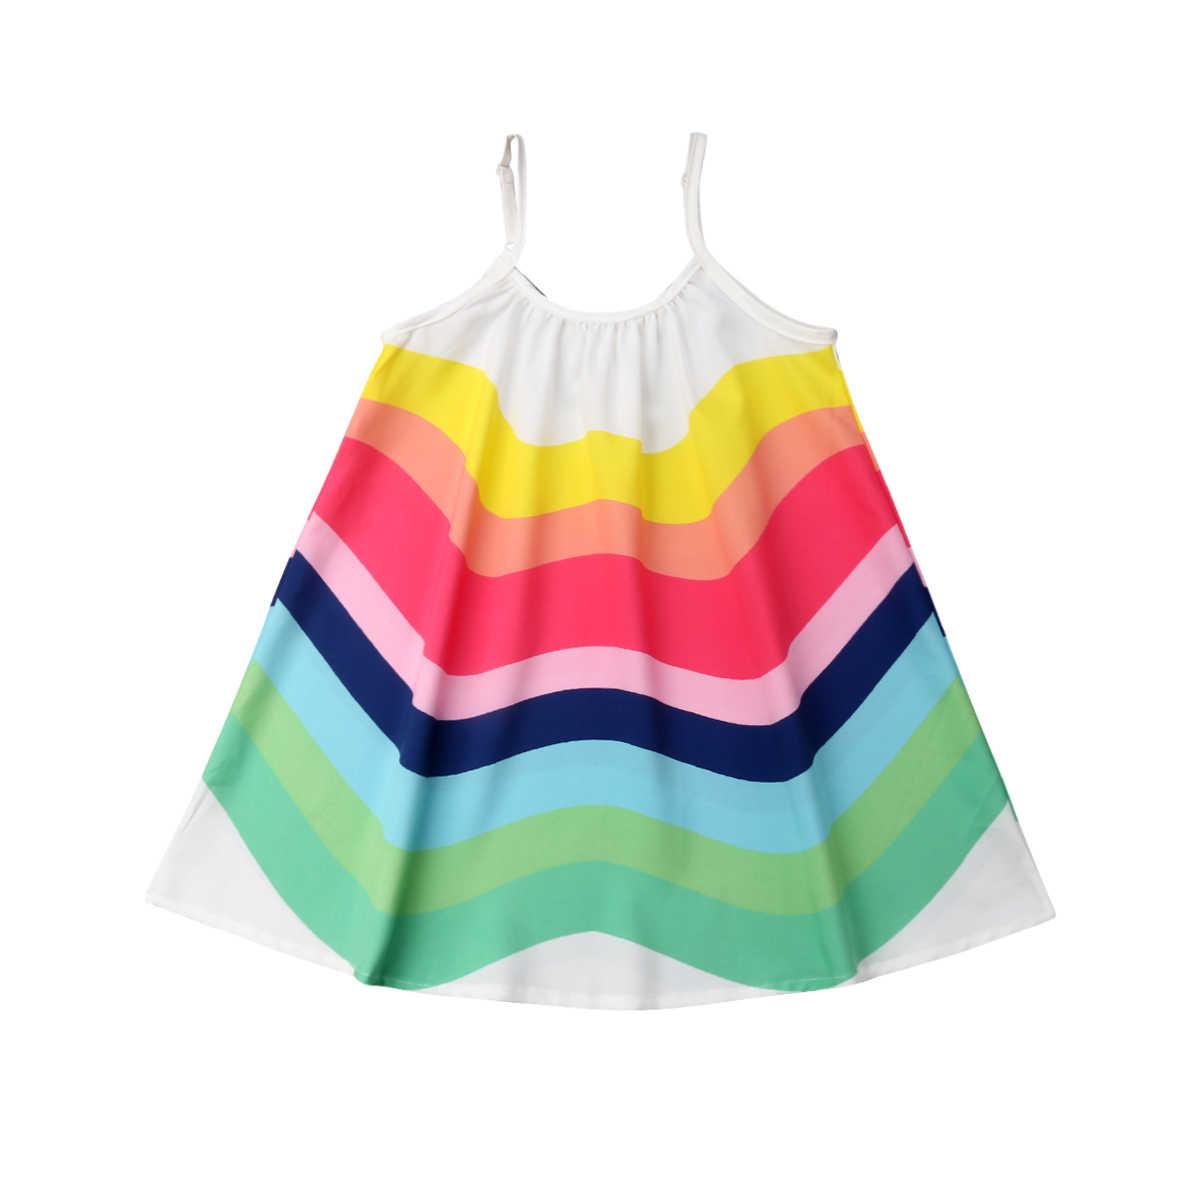 فستان صيفي جديد للأطفال البنات بحمالات موديل 2019 بتصميم قوس قزح فساتين بحمالات ملونة مخططة للشاطئ والحفلات 1-6T